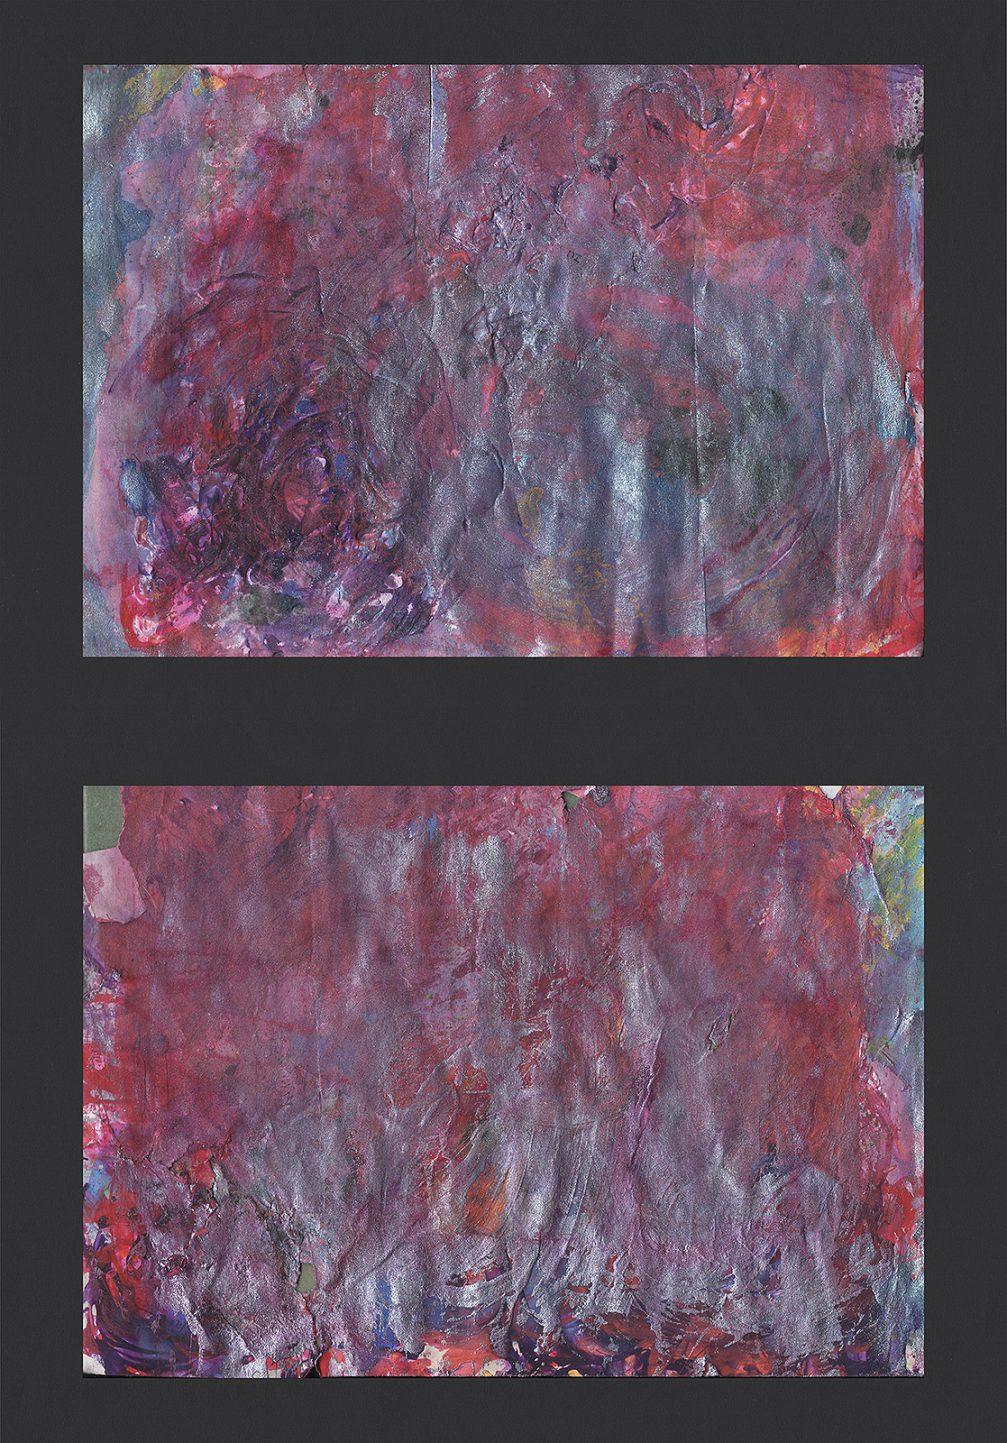 """Martin Hiller - """"My Wounded Beauty IV (Débauche Tamisée IV)"""" (20,6 x 14,5 + 20,6 x 14,5 cm, 2019)"""